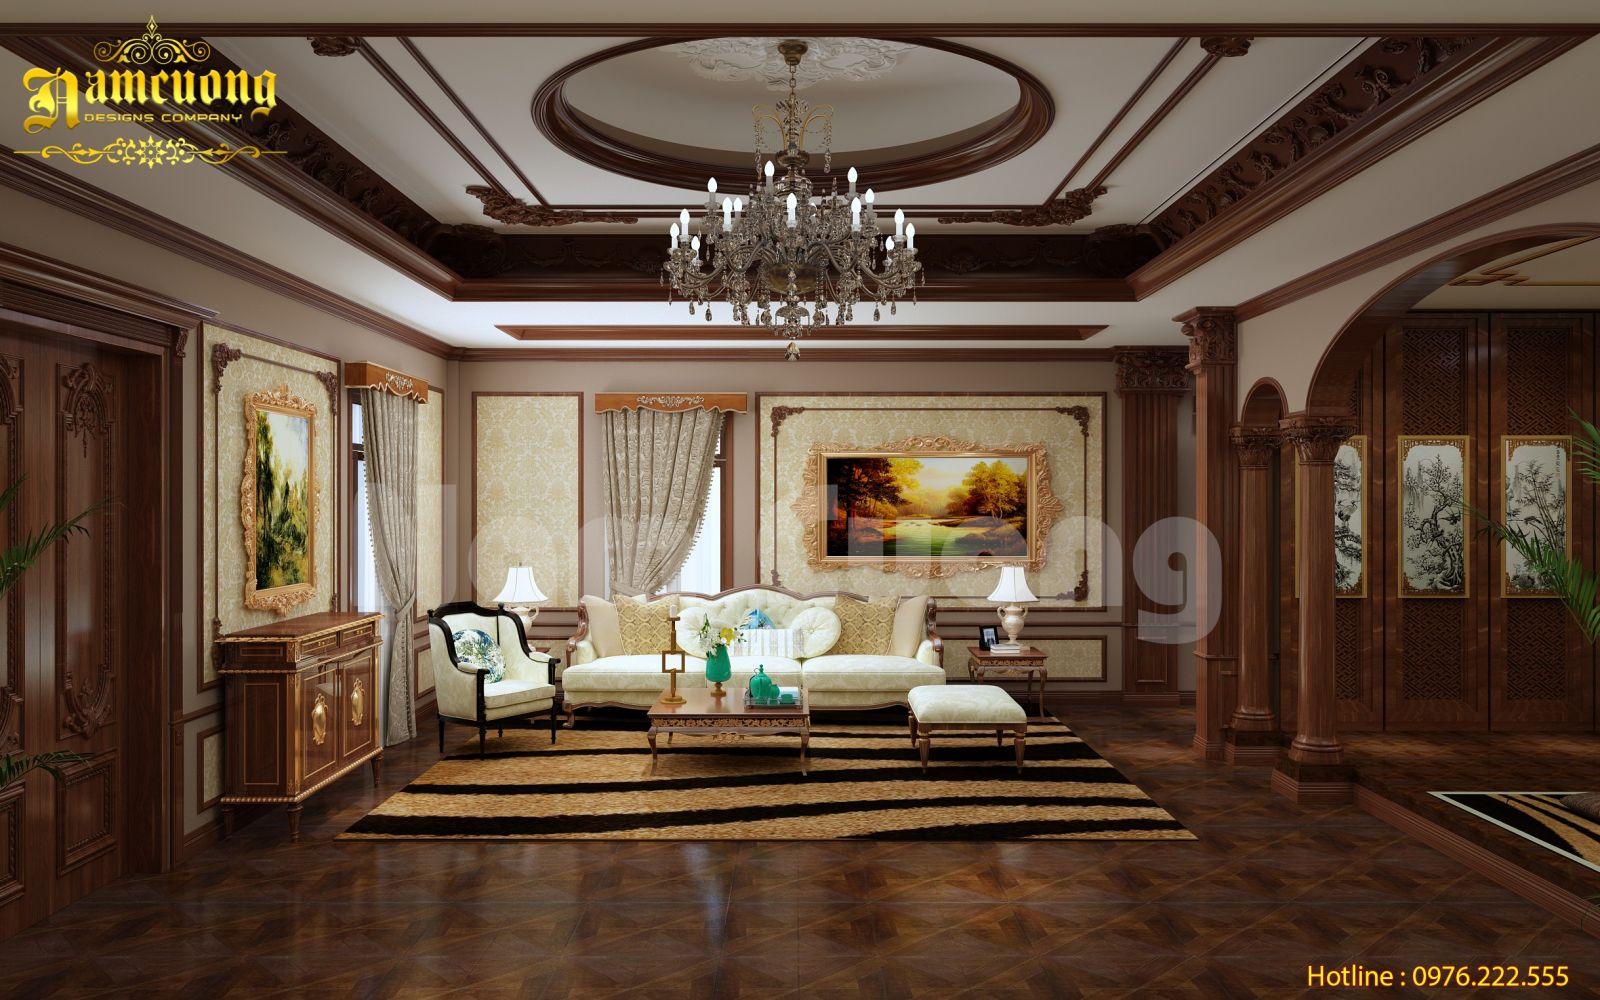 Mang đậm nét truyền thống trong mẫu thiết kế nội thất biệt thự tân cổ điển